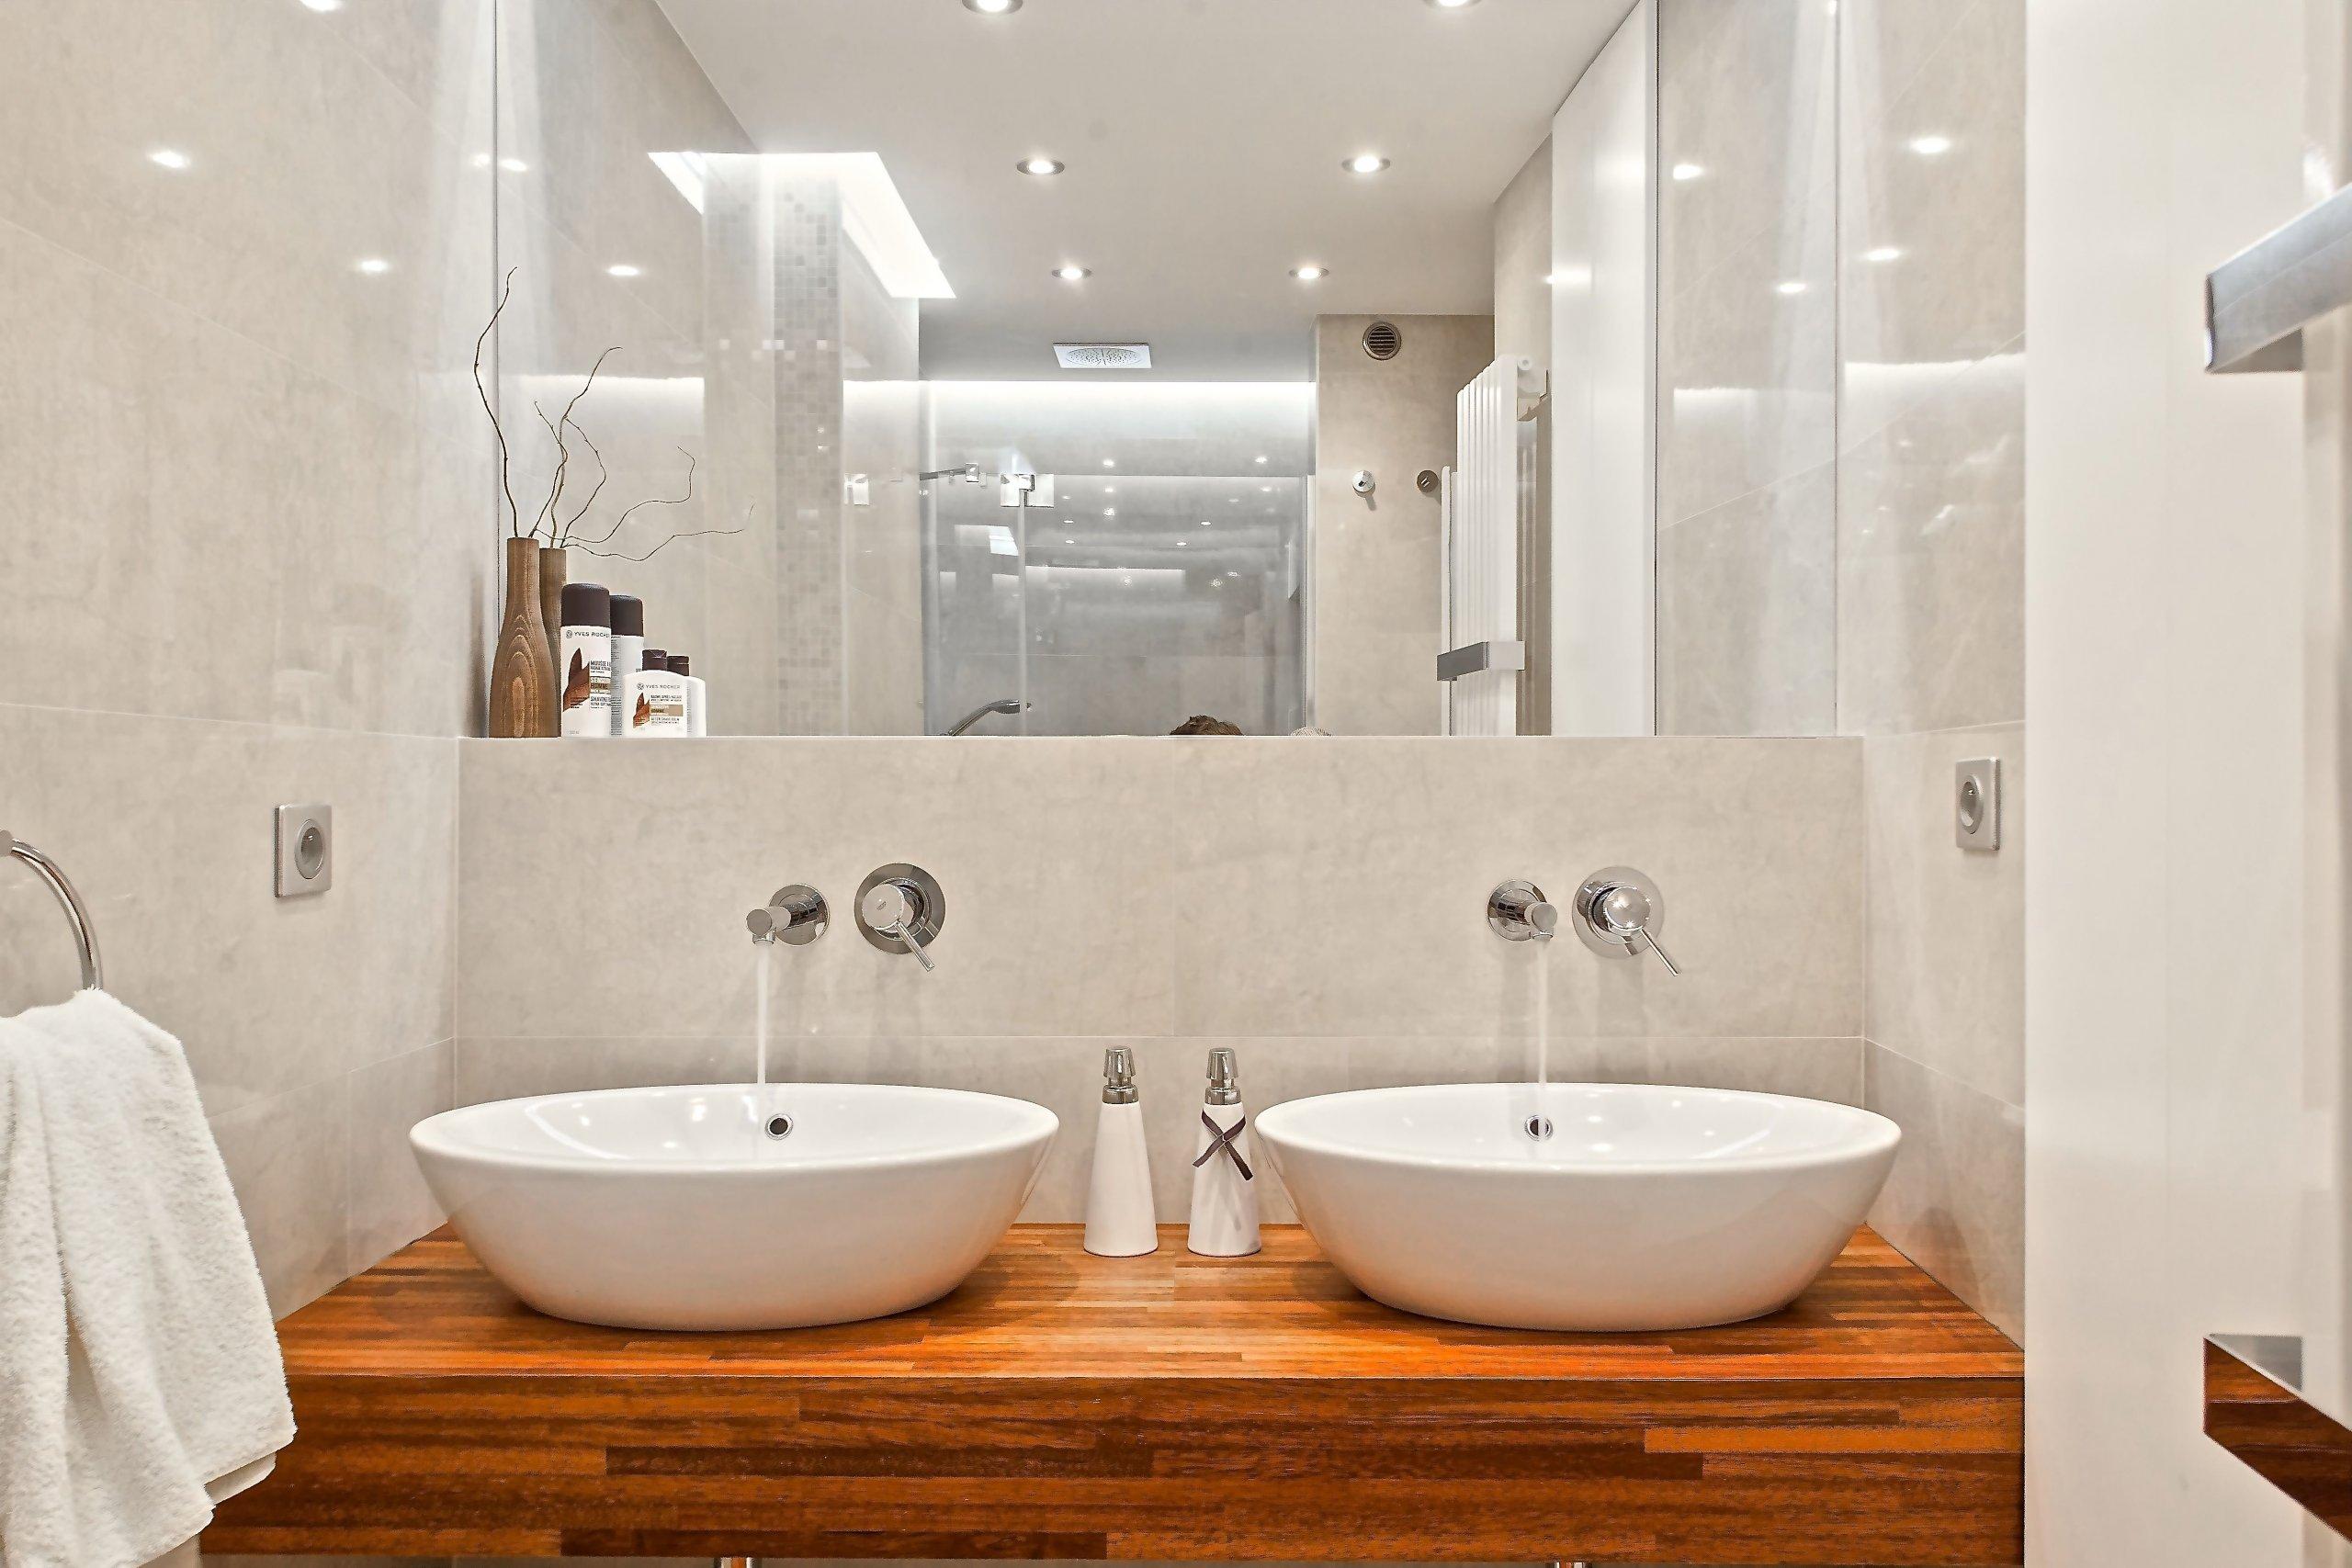 Rekonstrukce hygienického zázemí v tradičním vihohradském bytě měla zásadně zlepšit komfort jeho užívání. Ze stávající nevyhovující koupelny, odděleného WC a…